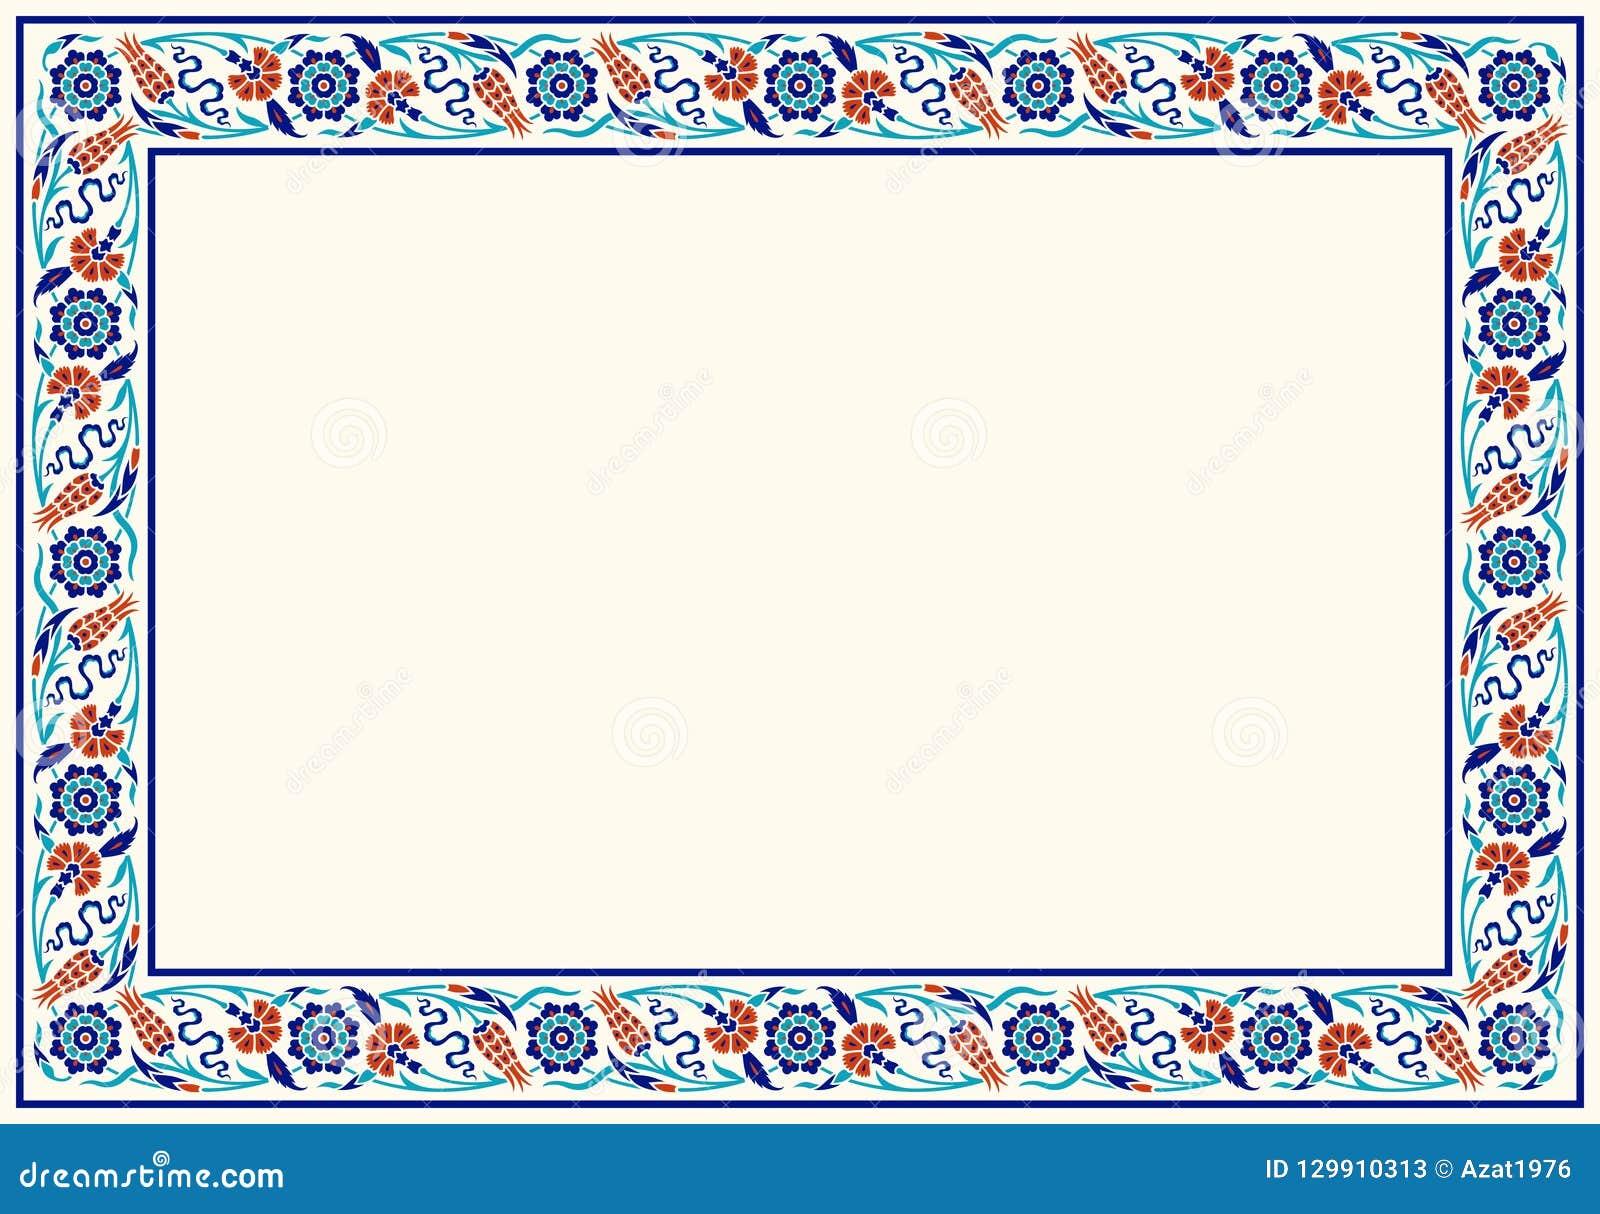 Trame florale pour votre conception Ornement turc traditionnel de tabouret de ½ de ¿ d ï Iznik